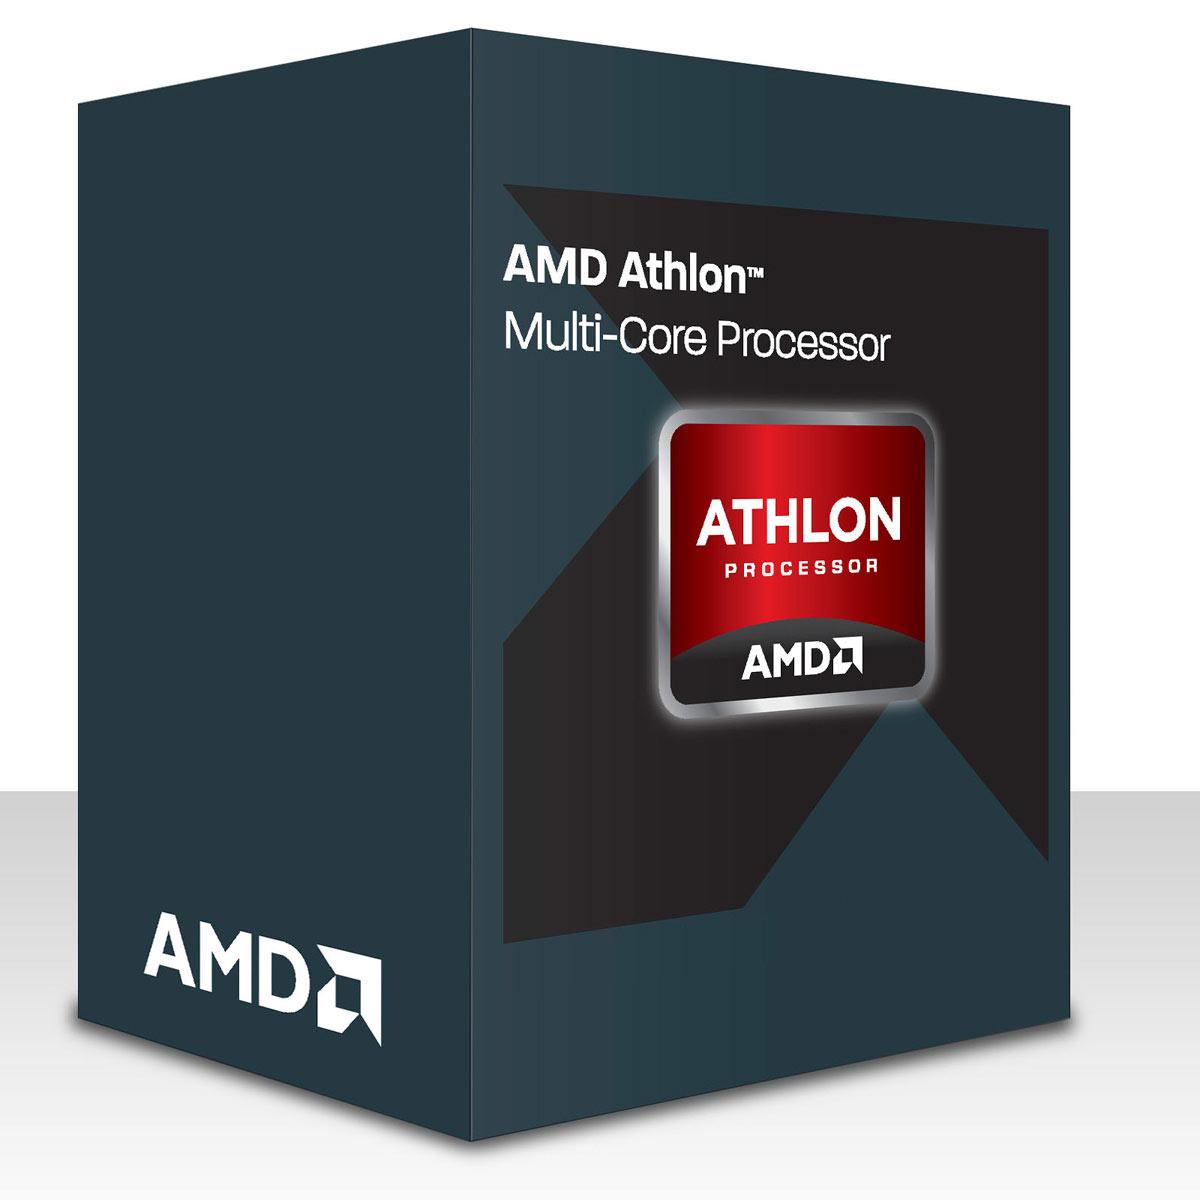 Processeur AMD Athlon X4 880K (4.0 GHz) - Low Noise Edition Processeur Quad Core Socket FM2+ 0.028 micron Cache L2 4 Mo + ventilateur silencieux (version boîte - garantie constructeur 3 ans)